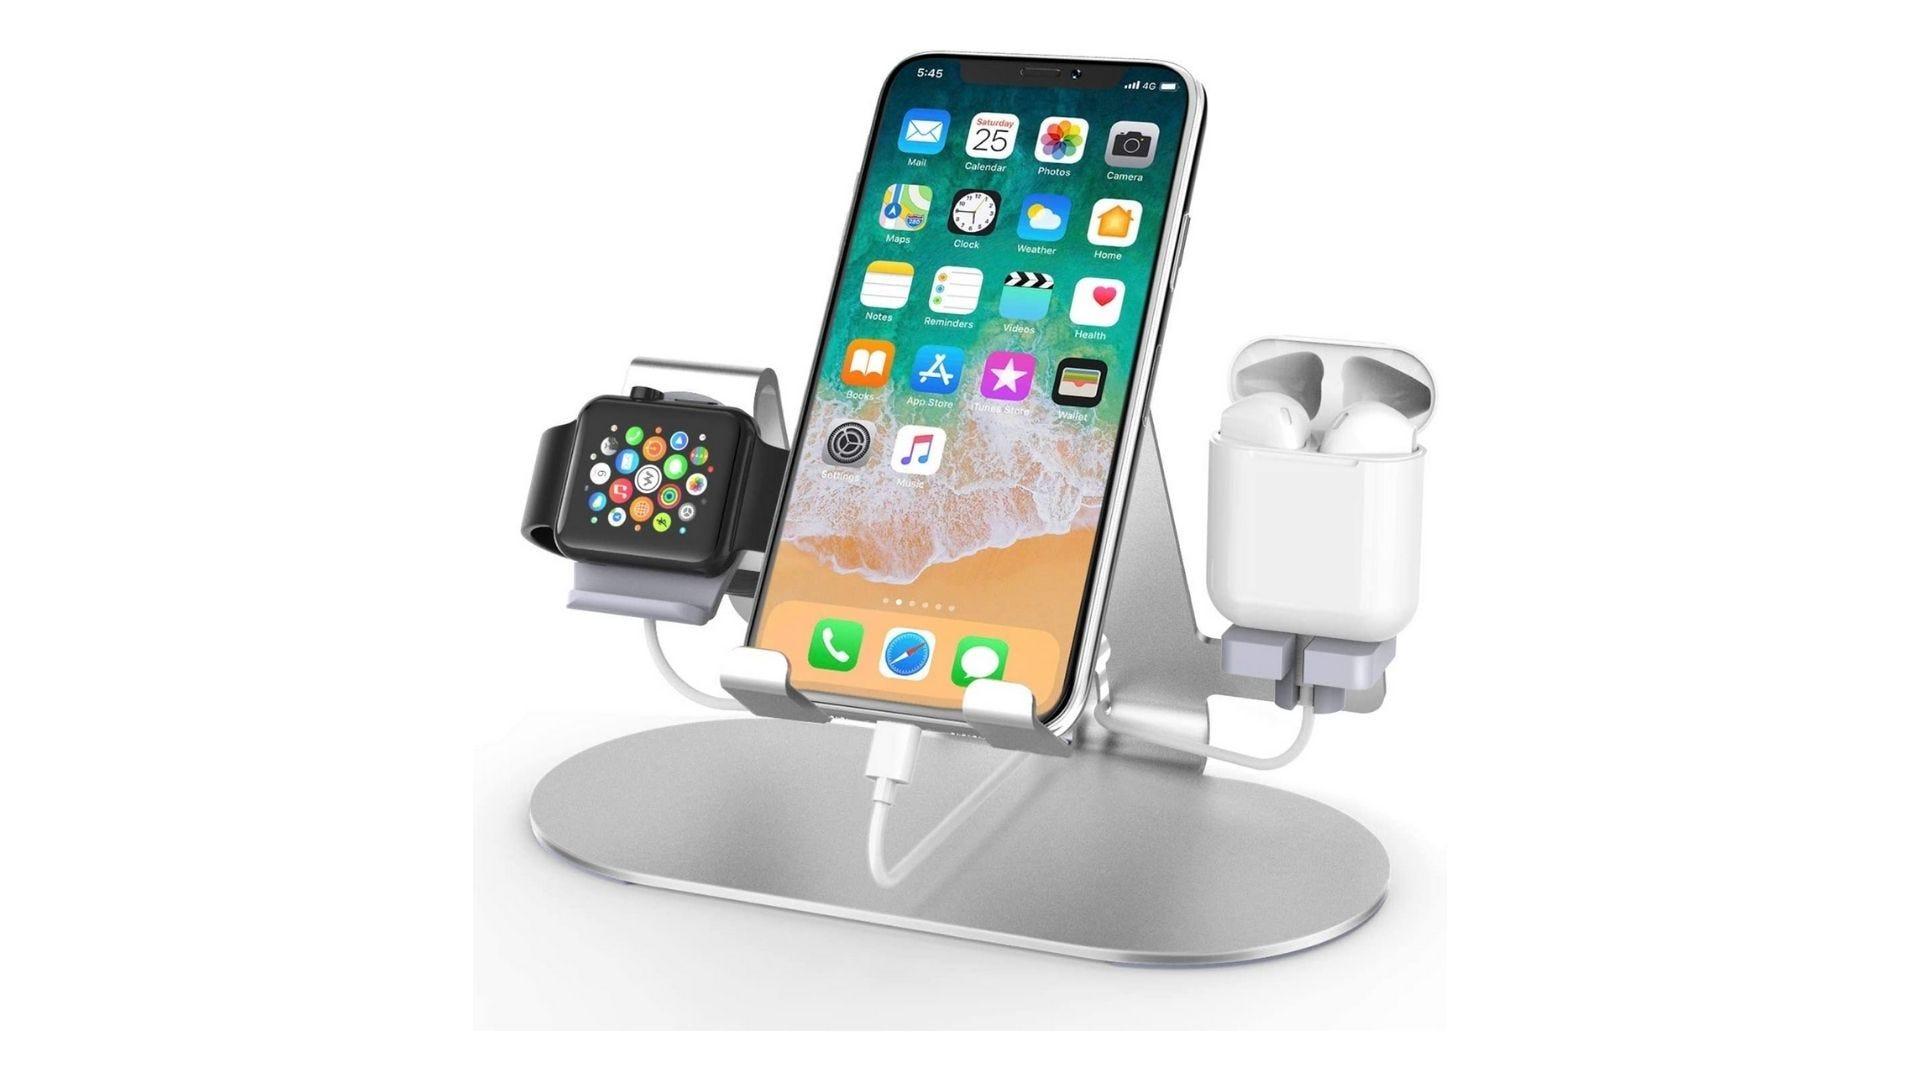 محطة شحن ألمنيوم 3 في 1 ، مناسبة لـ iPhone Apple Watch و Airpods Watch